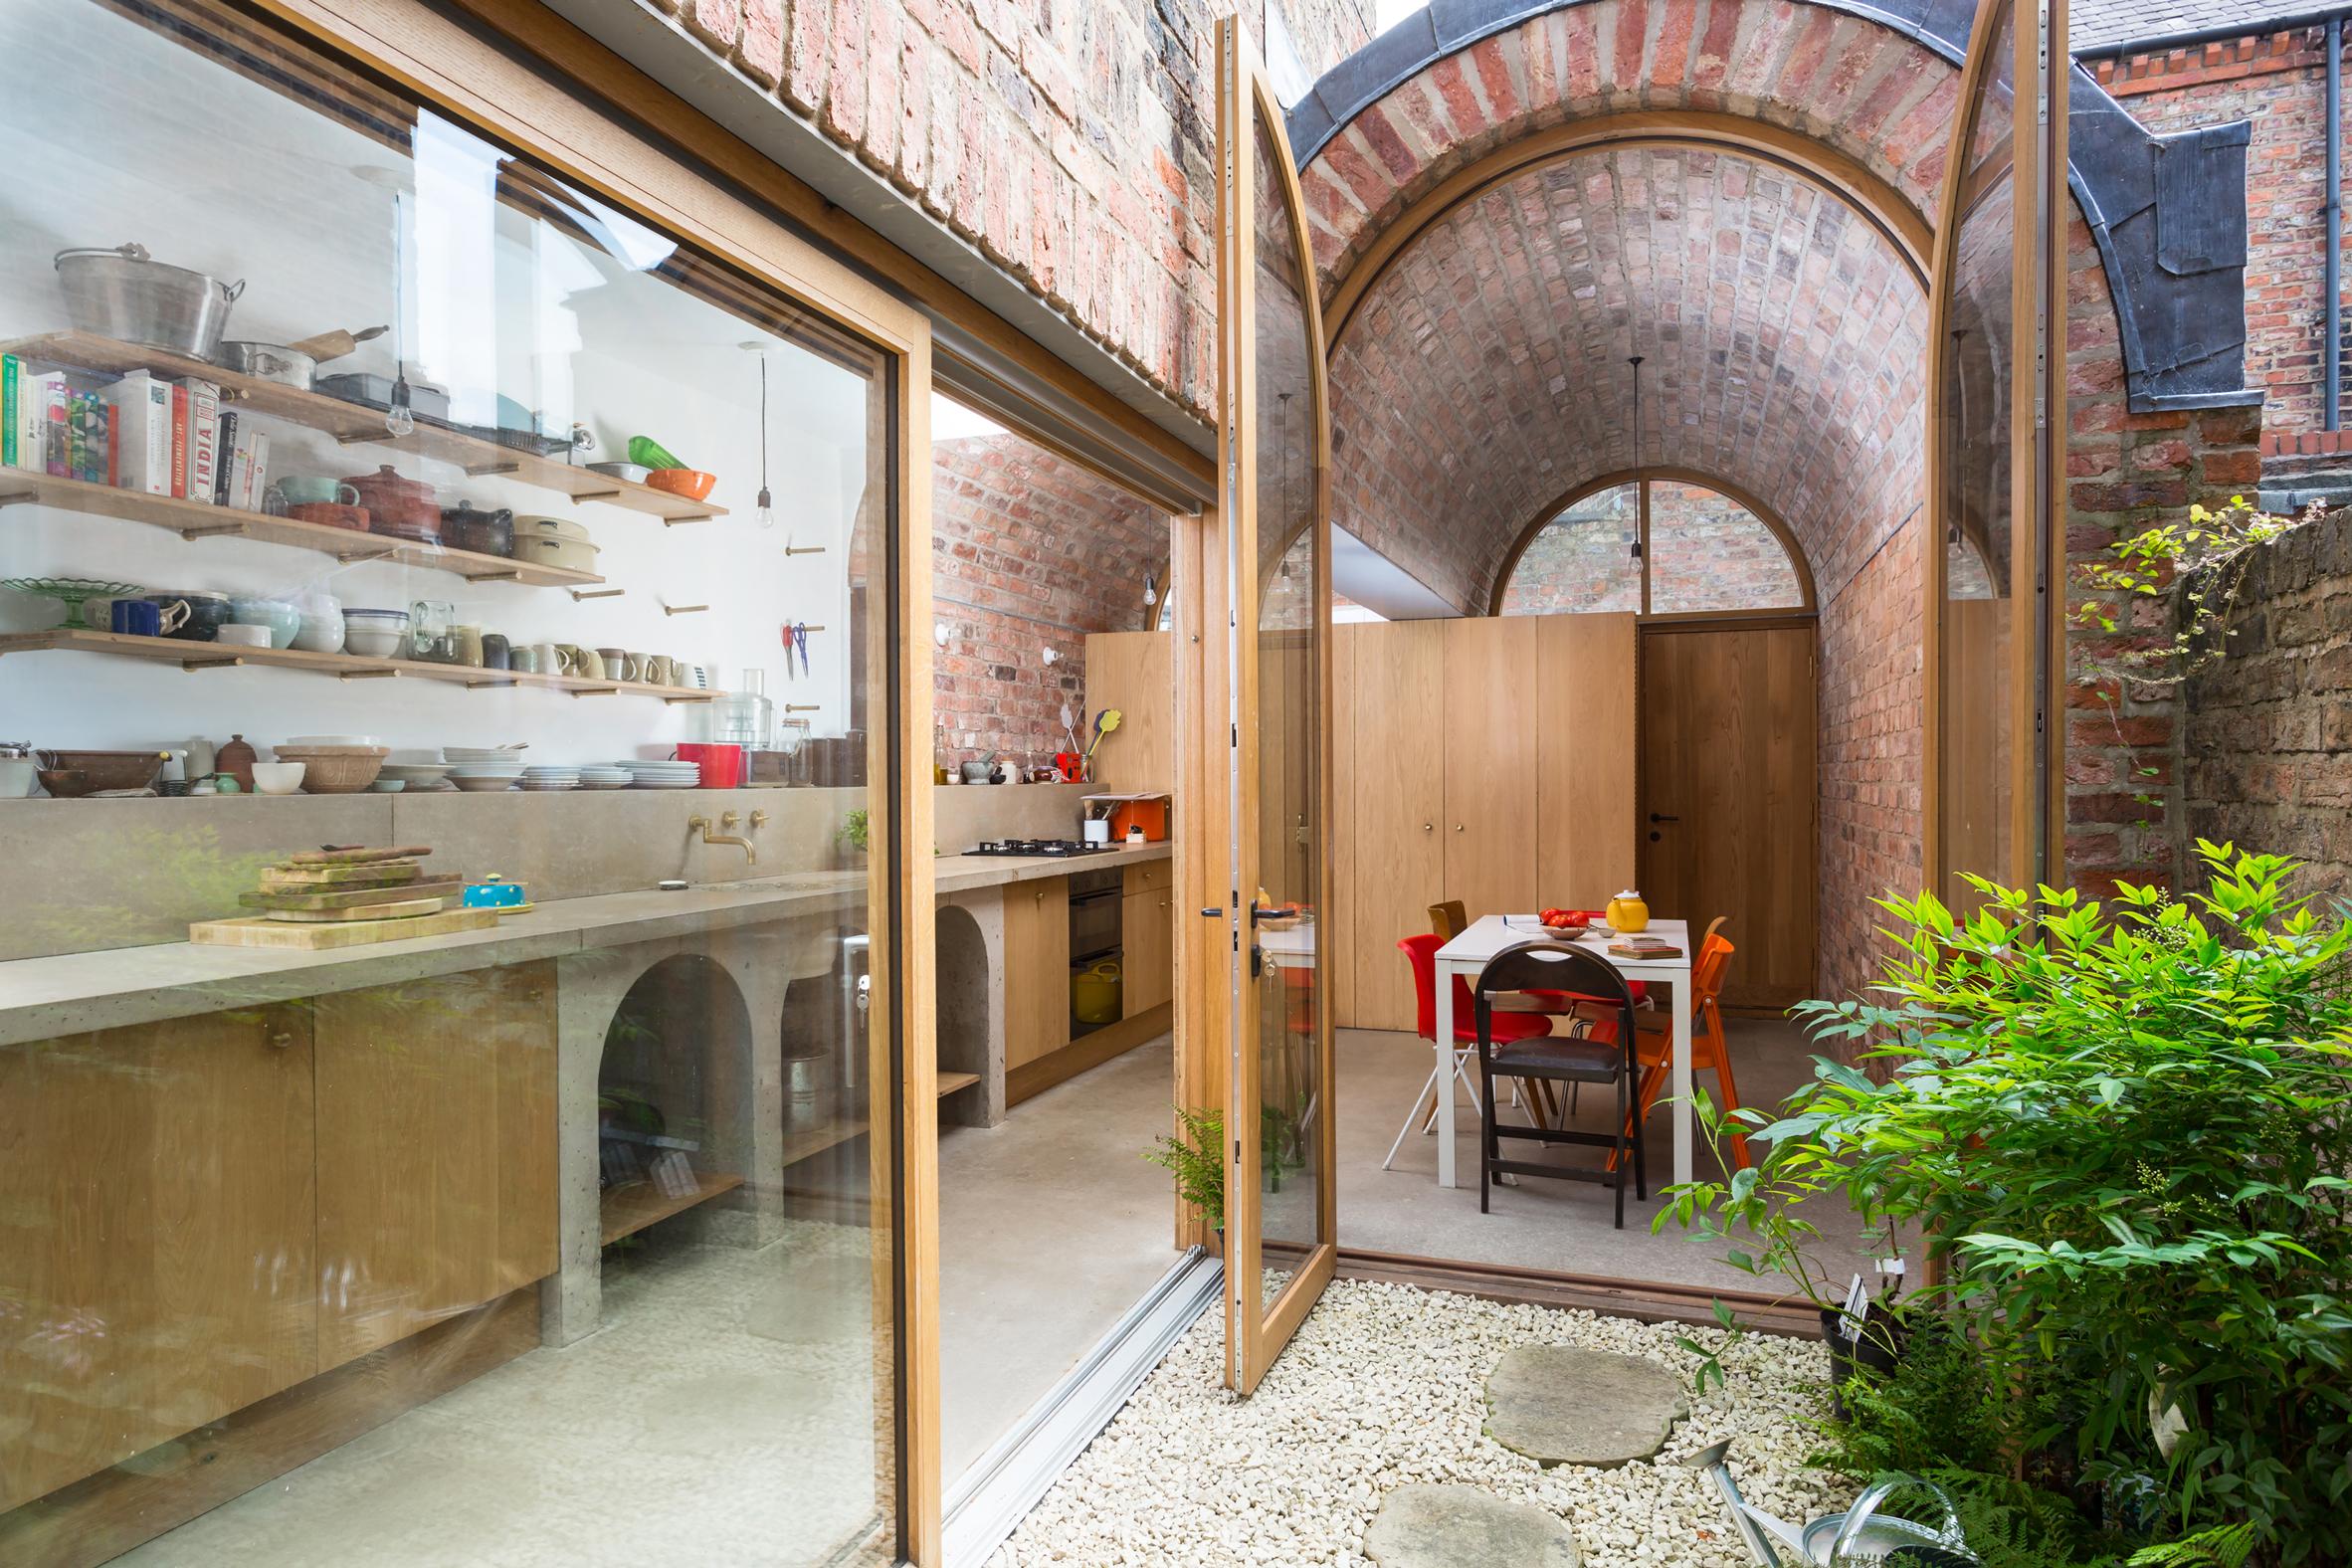 Studio Ben Allen adds pair of brick vaults to terraced house in York